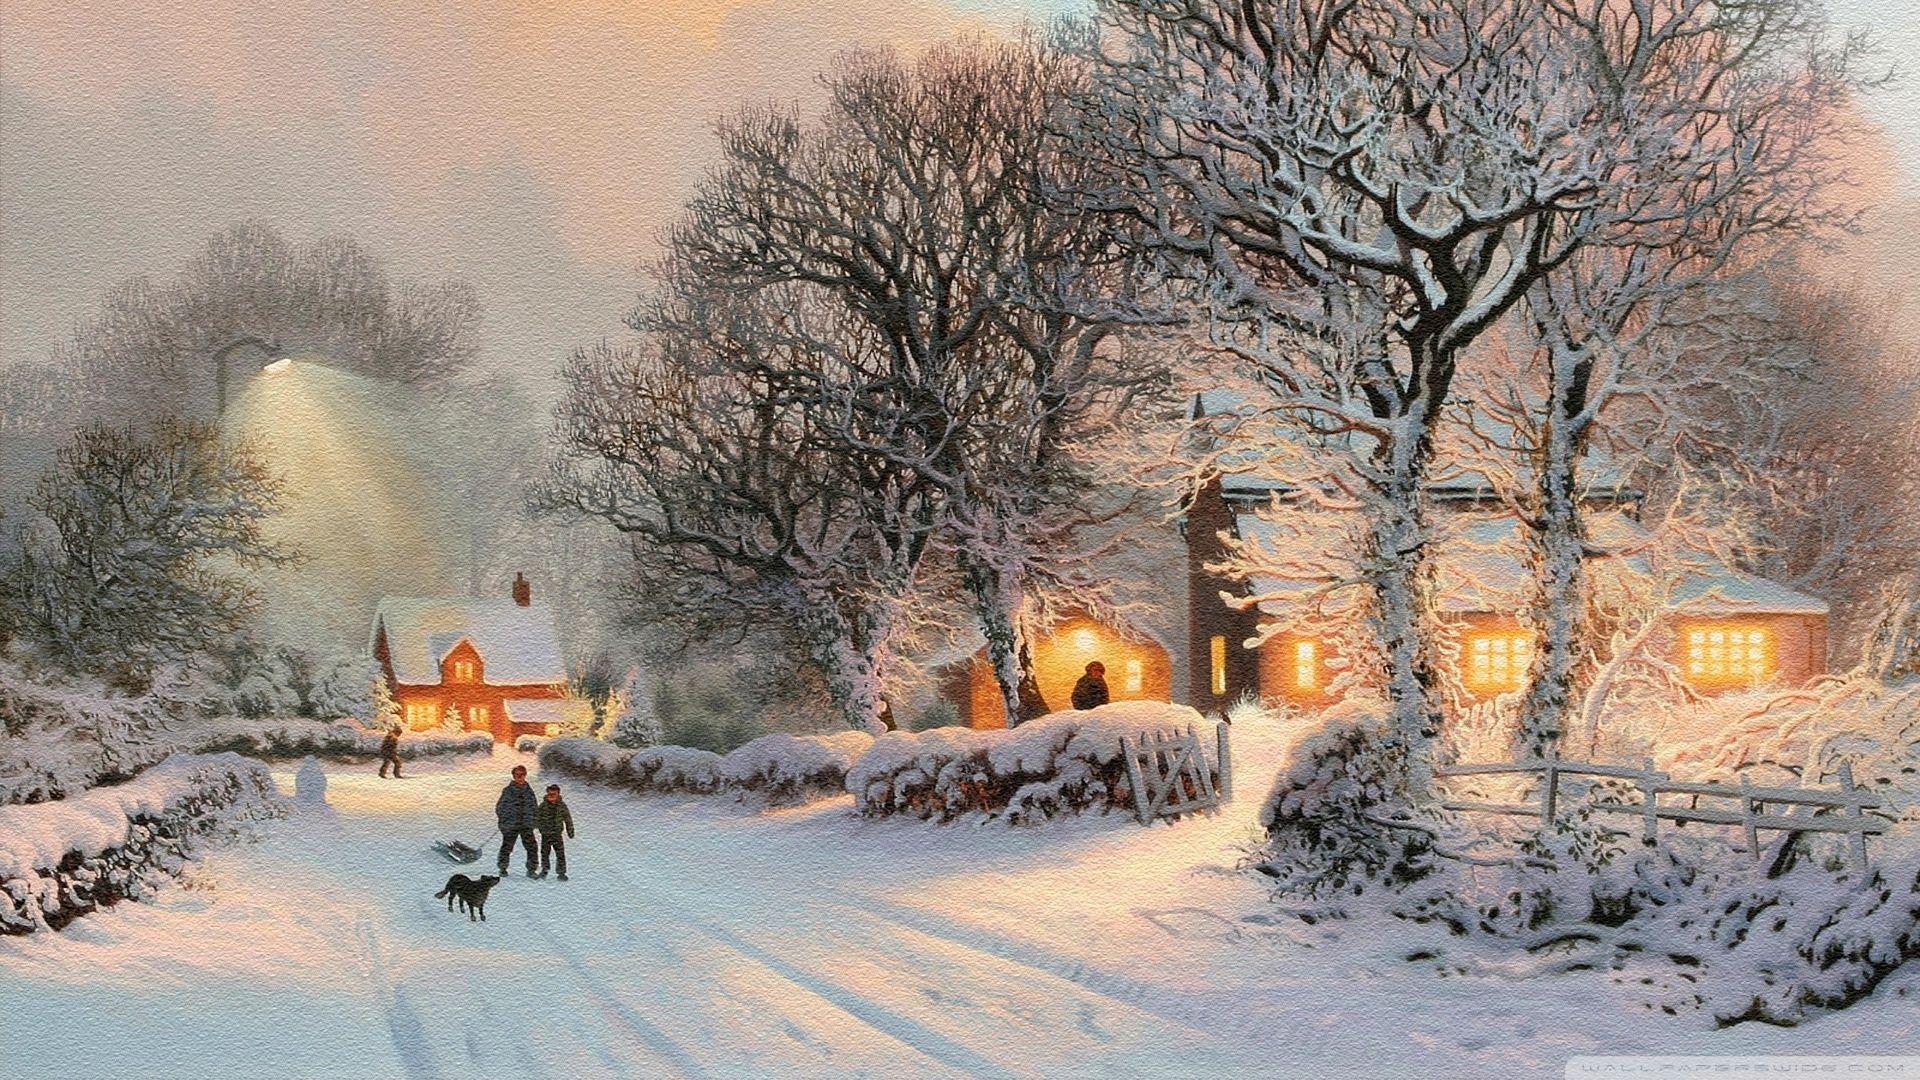 Les photos d cor de no l sous la neige no l sur page 2 noel image - Paysage enneige dessin ...